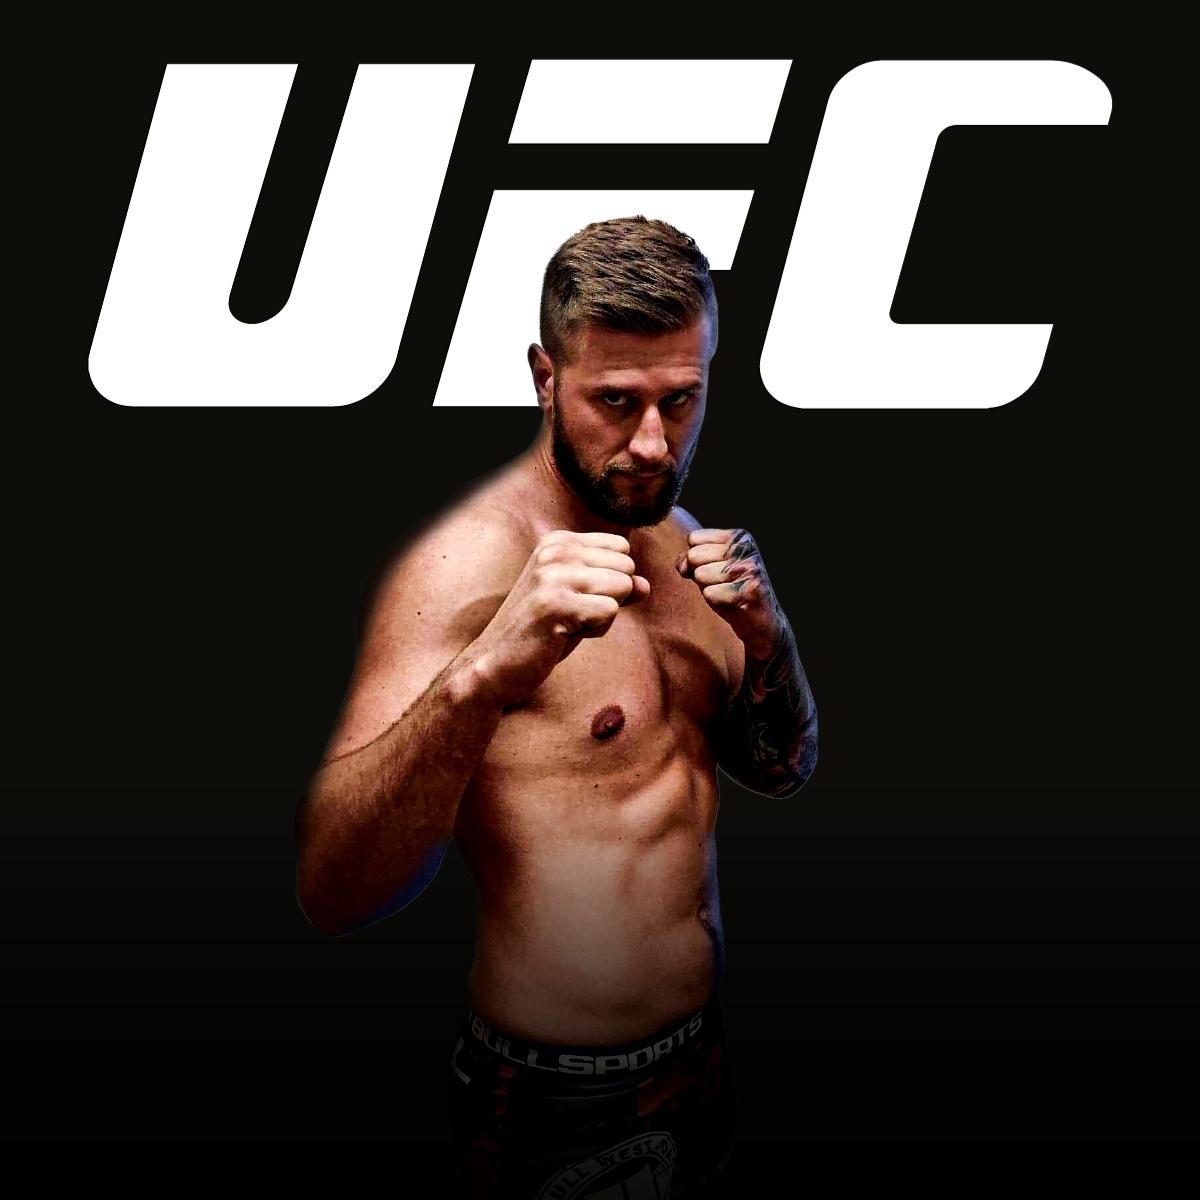 Już oficjalnie: Łukasz Brzeski zawalczy o kontrakt w UFC!